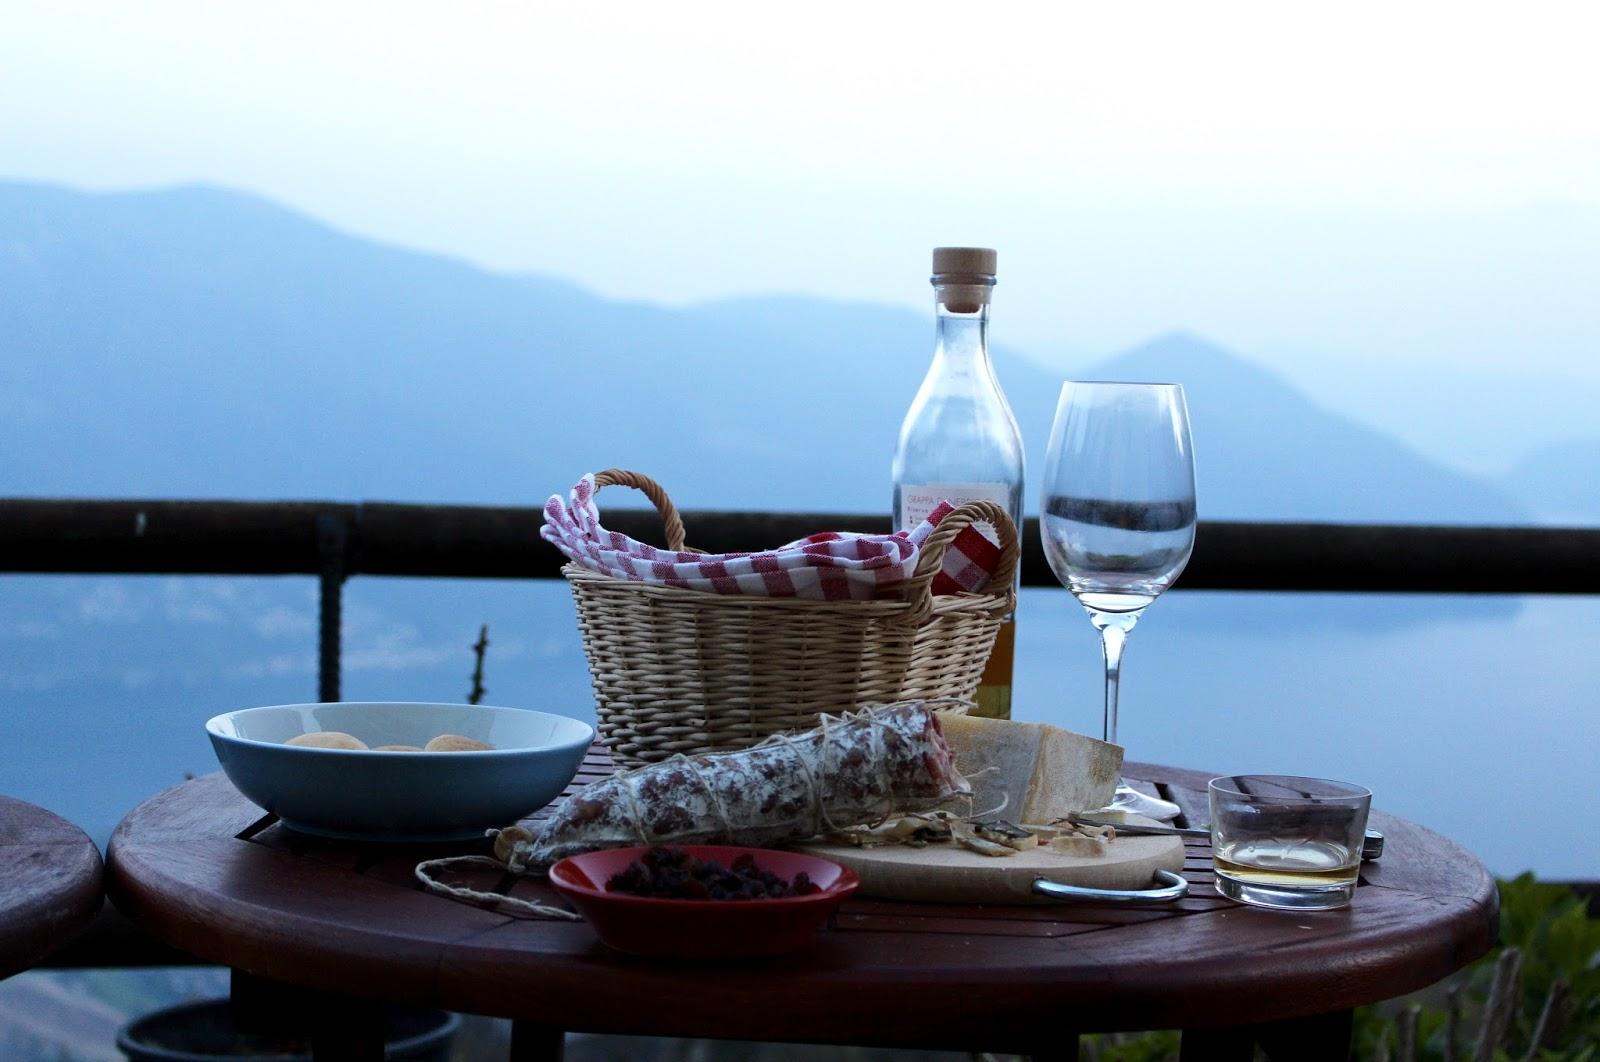 Stilleben mit Grappa und Spezialitäten aus dem Tessin, Monte Brè 2017